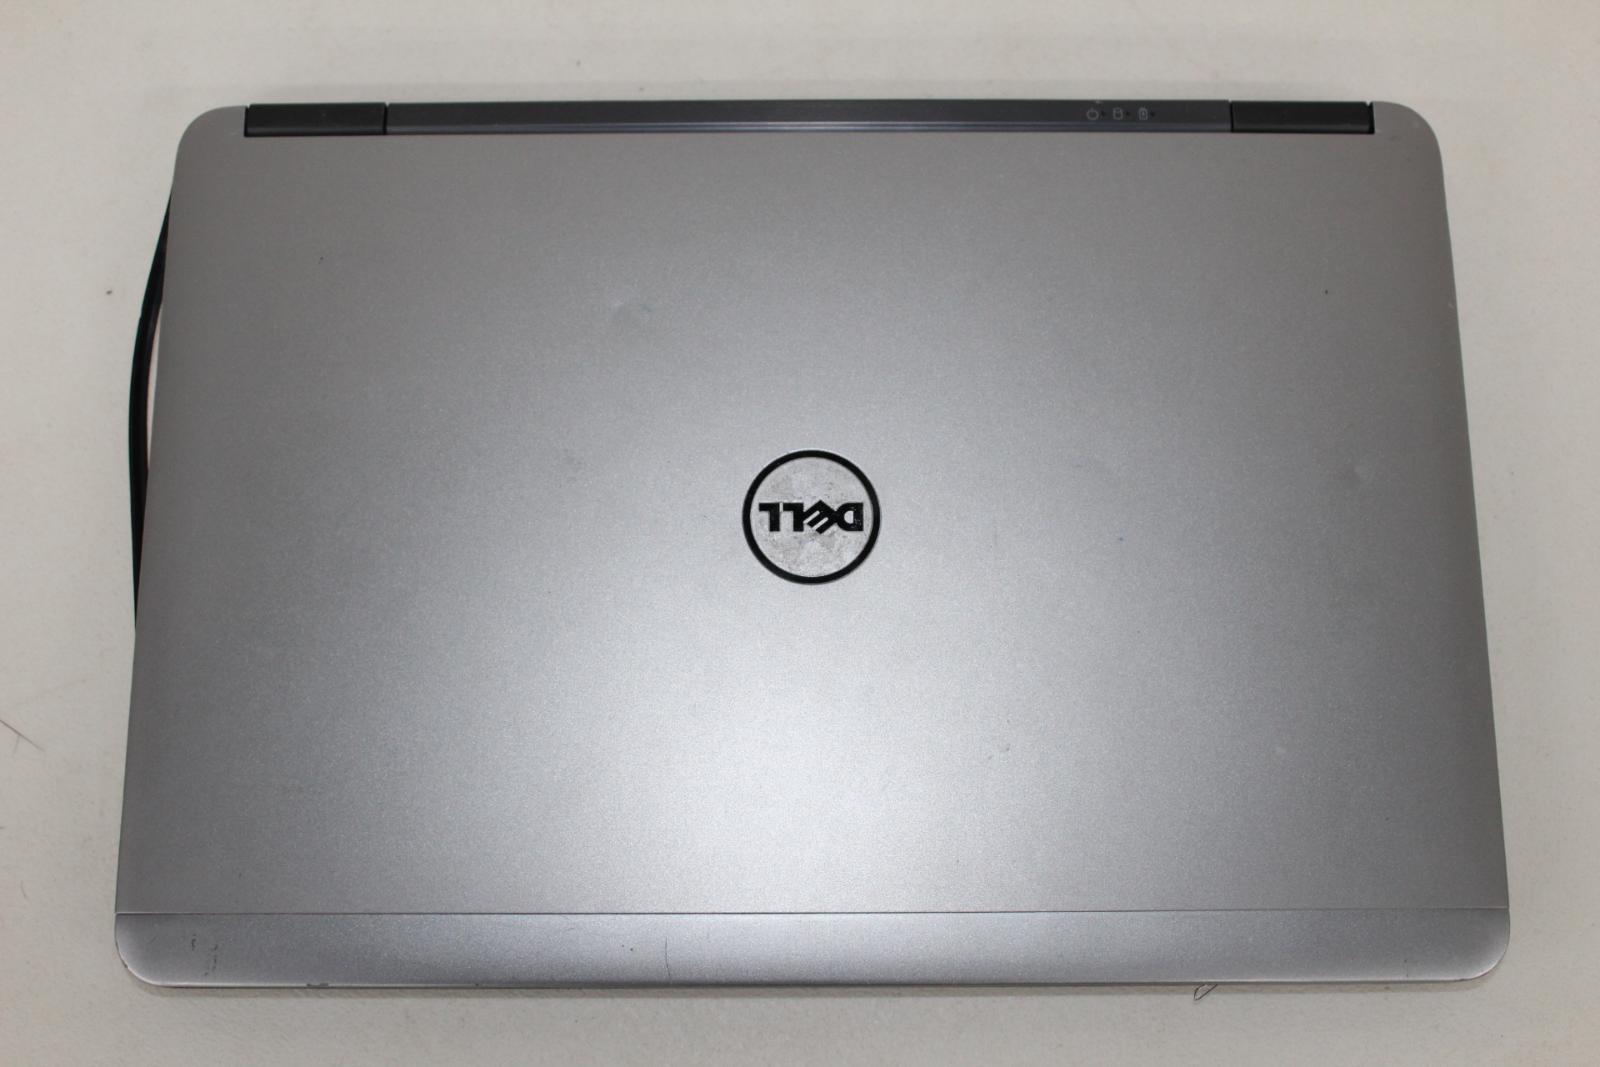 DELL-Latitude-E7240-Argent-IntelCore-i7-vPro-12-034-sans-disque-dur-RAM-batterie-ordinateur-portable miniature 8